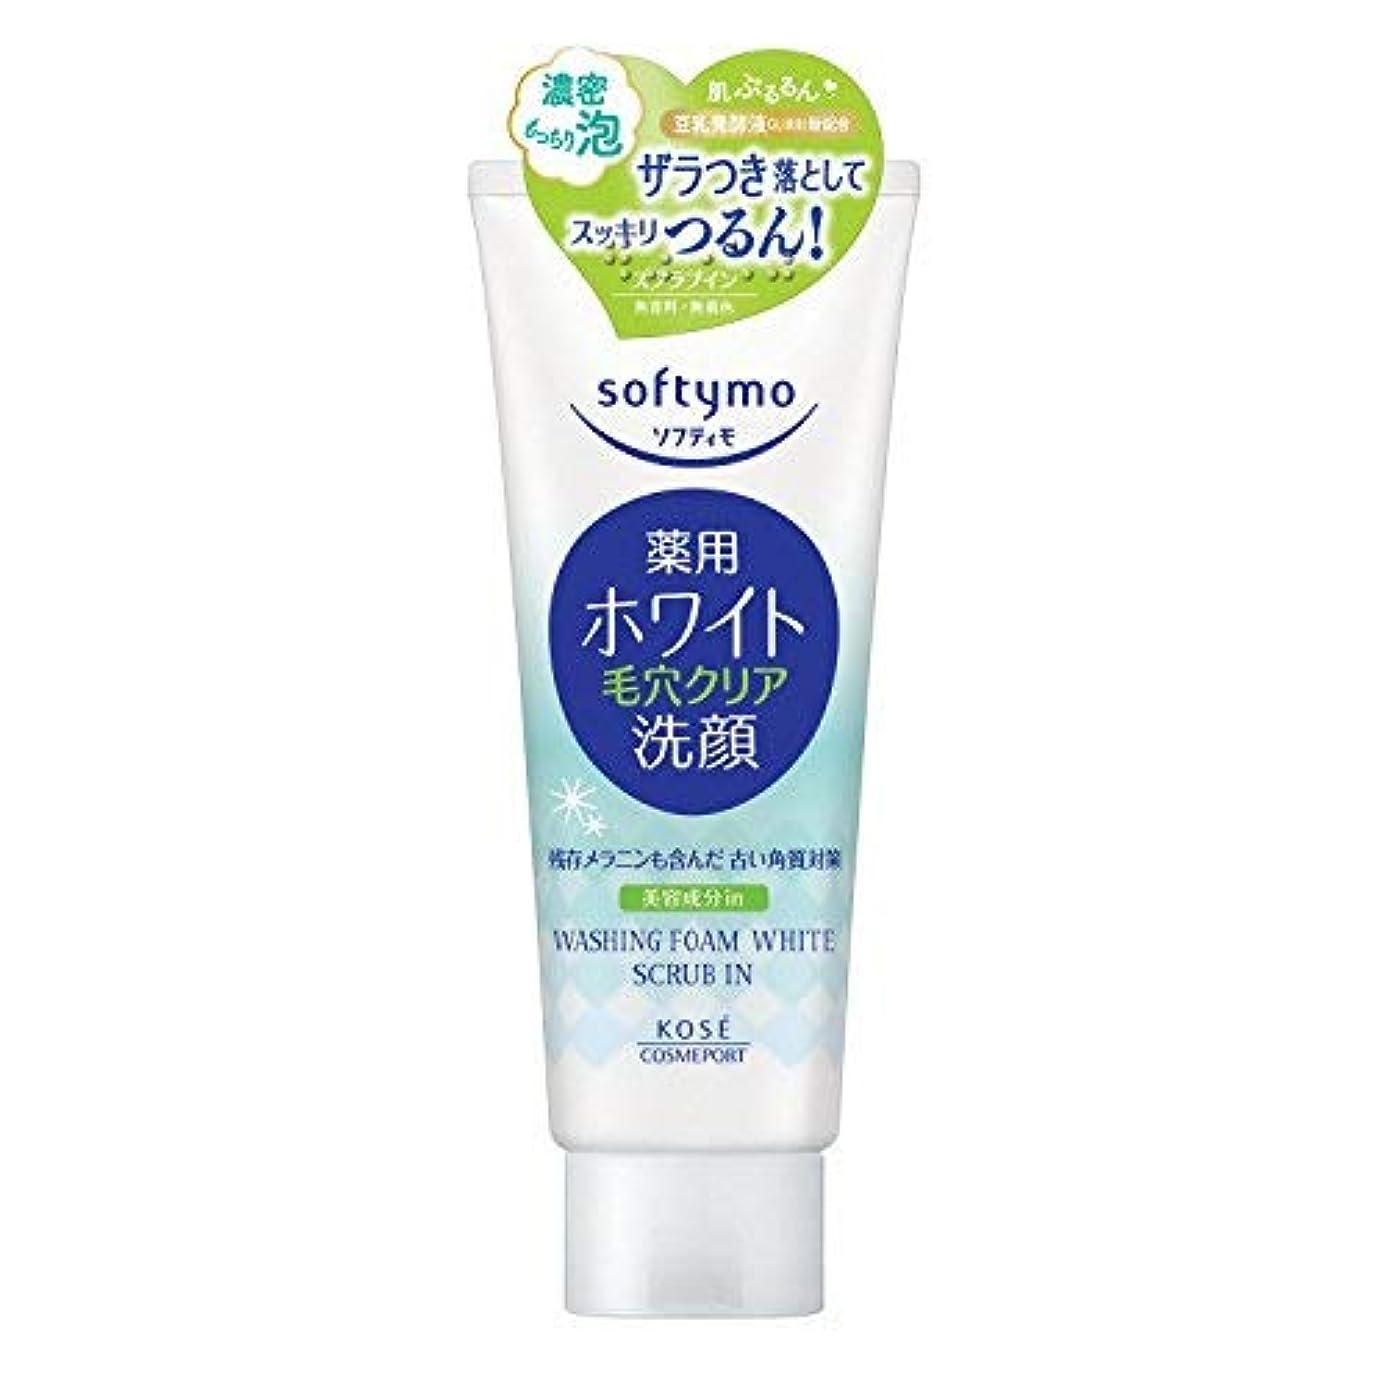 効率的囲い警告するソフティモ薬用洗顔フォーム(ホワイト)スクラブイン × 3個セット